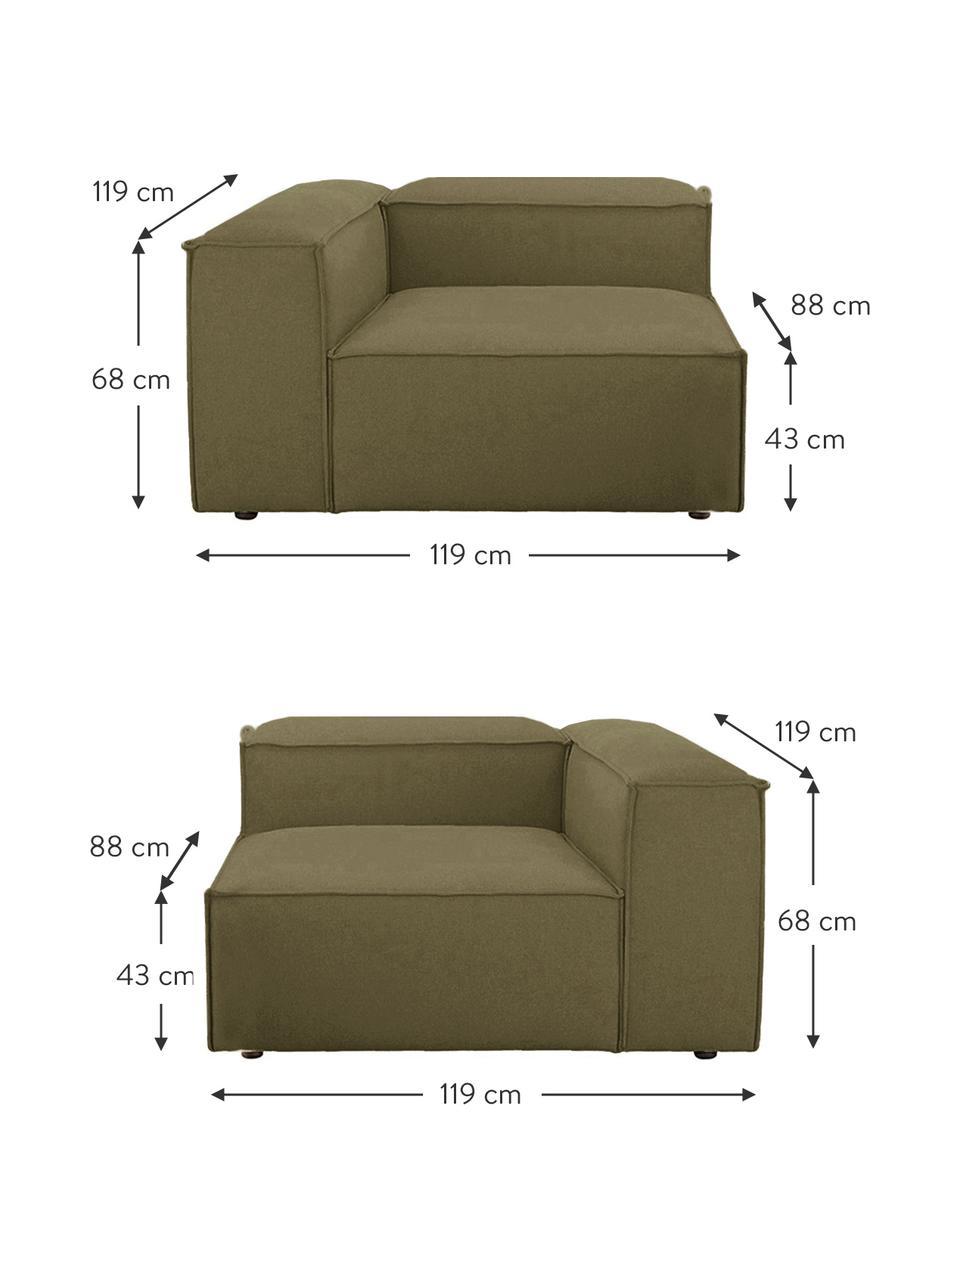 Sofa modułowa Lennon (3-osobowa), Tapicerka: poliester Dzięki tkaninie, Stelaż: lite drewno sosnowe, skle, Nogi: tworzywo sztuczne Nogi zn, Zielony, S 238 x G 119 cm